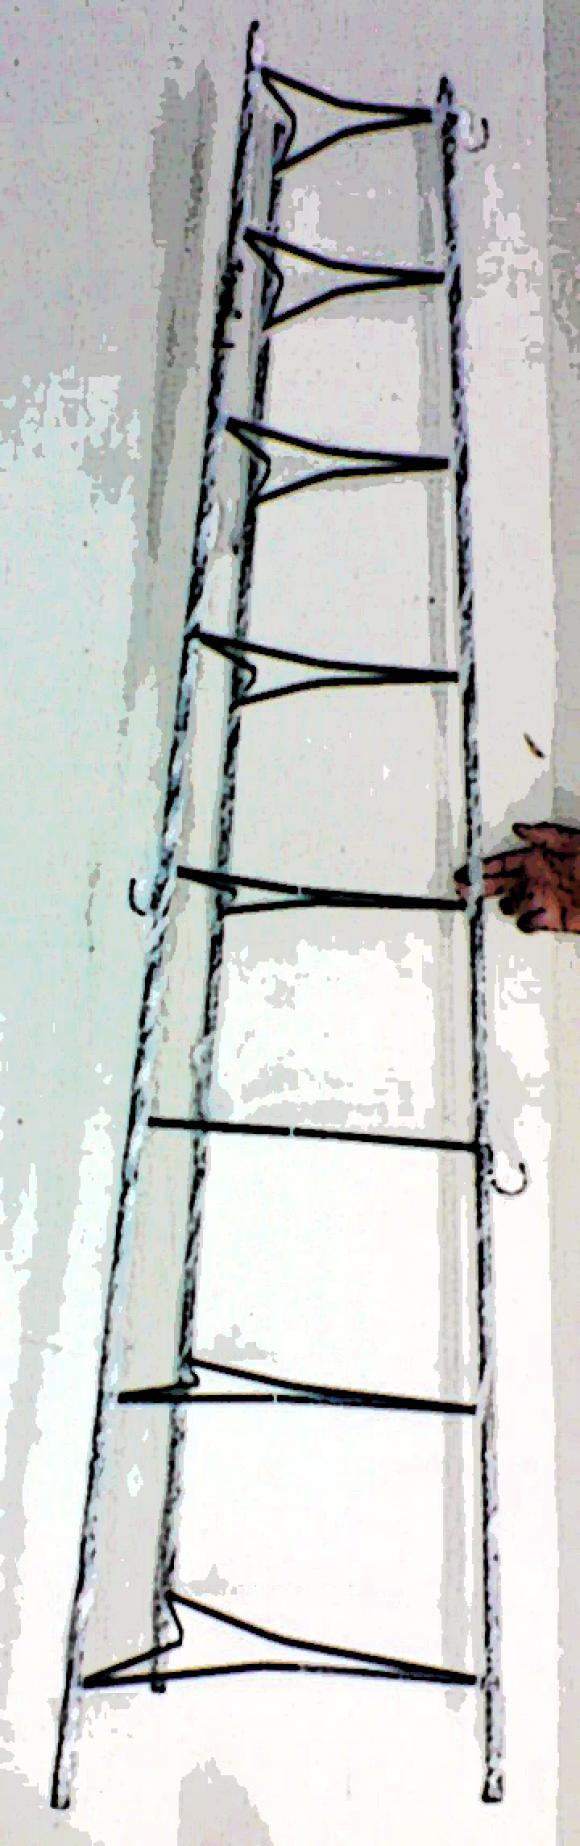 Trip� para Panelas de Ferro 7 lugares,so fogoes,sofogoes,pe�as para fogo�o em geral,fog�es,conserto de fog�es,conserto de fog�es bh,fog�es industriais.fog�es a lenha